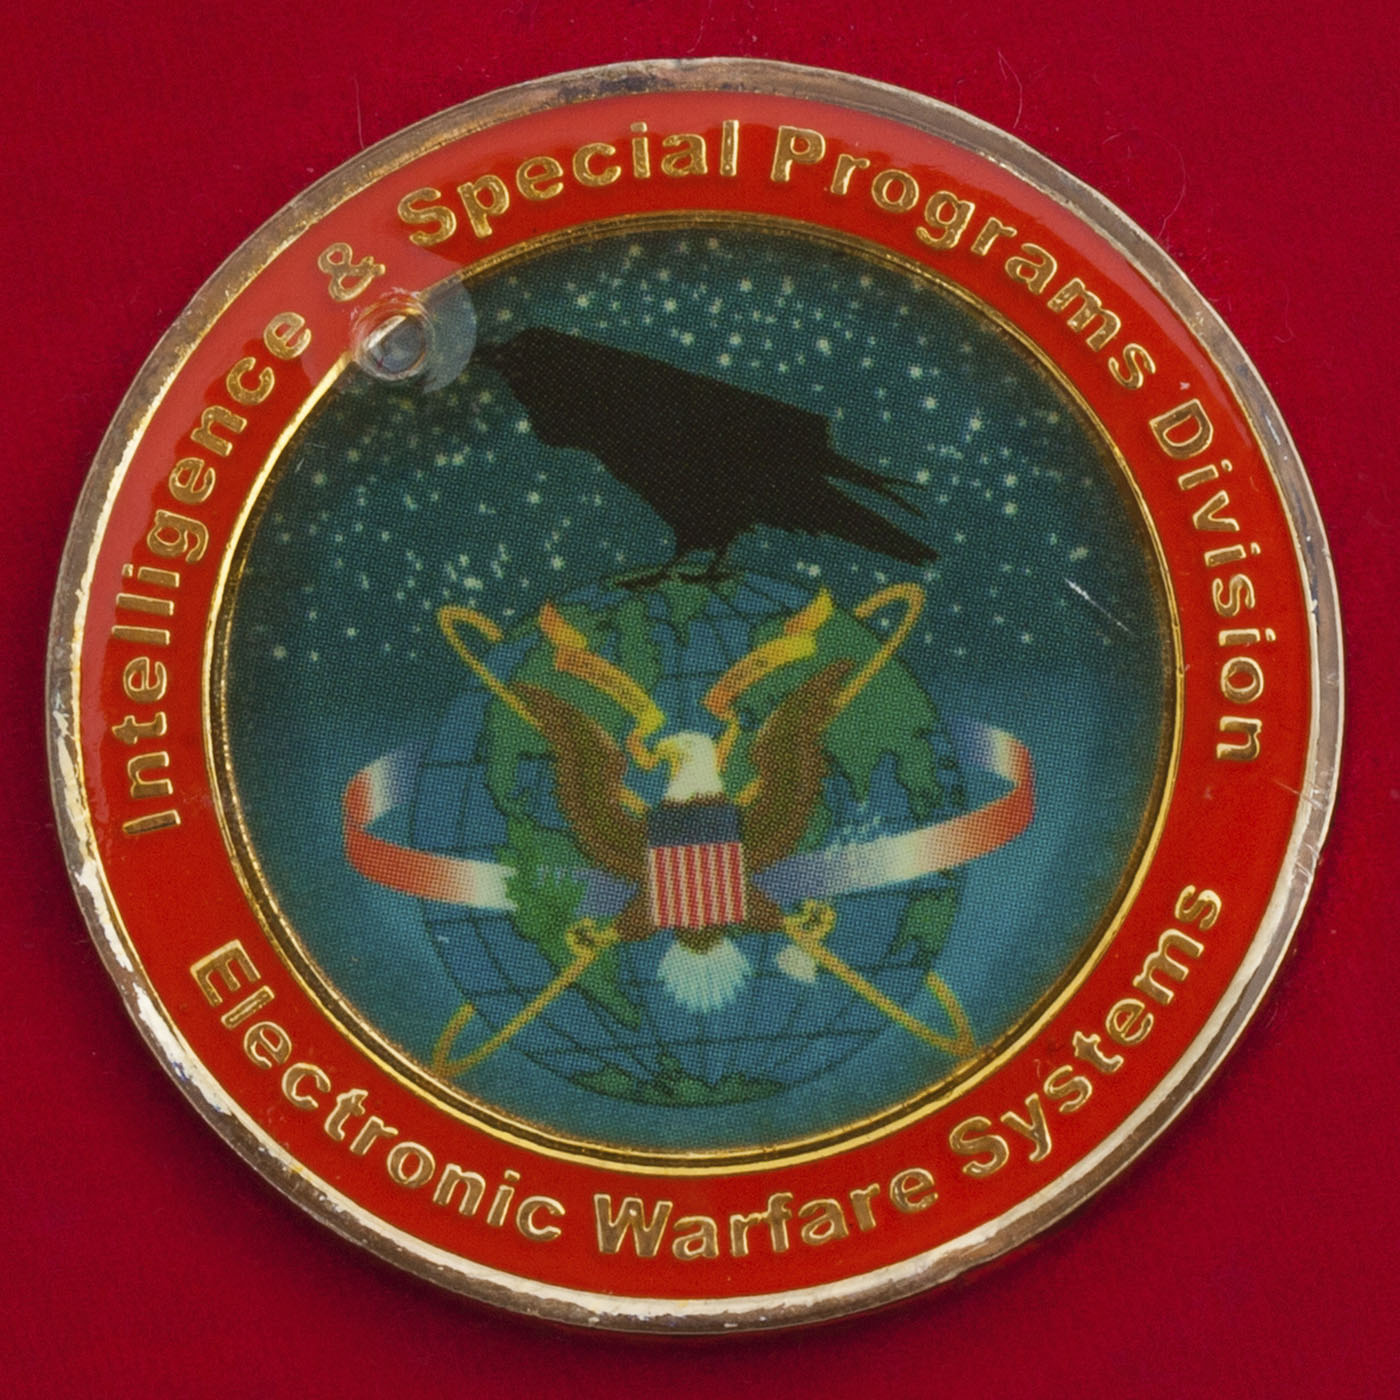 Челлендж коин специалистов комплексов РЭБ подразделения разведки и специальных программ Министерства обороны США